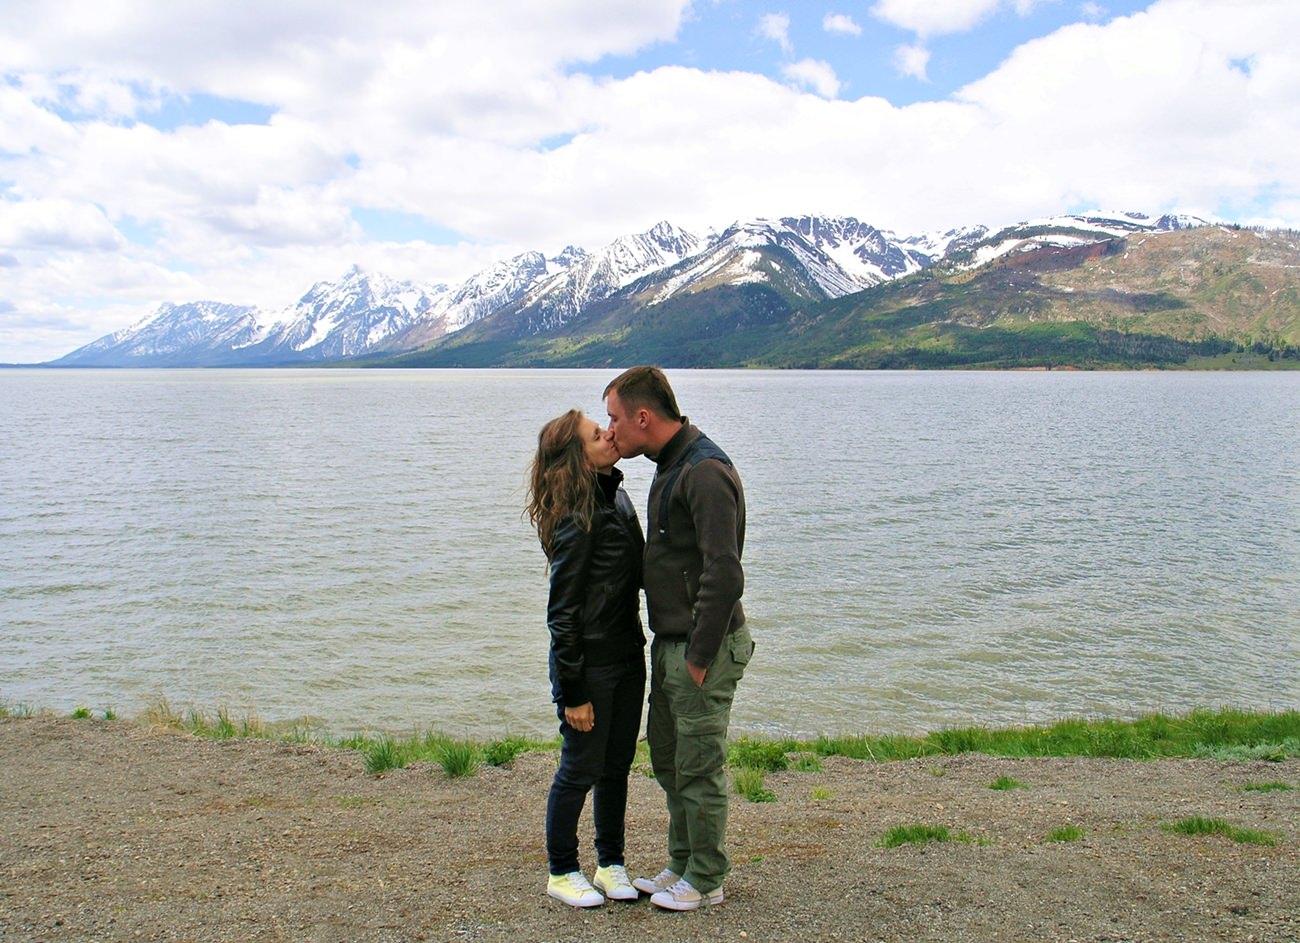 Wyoming park narodowy